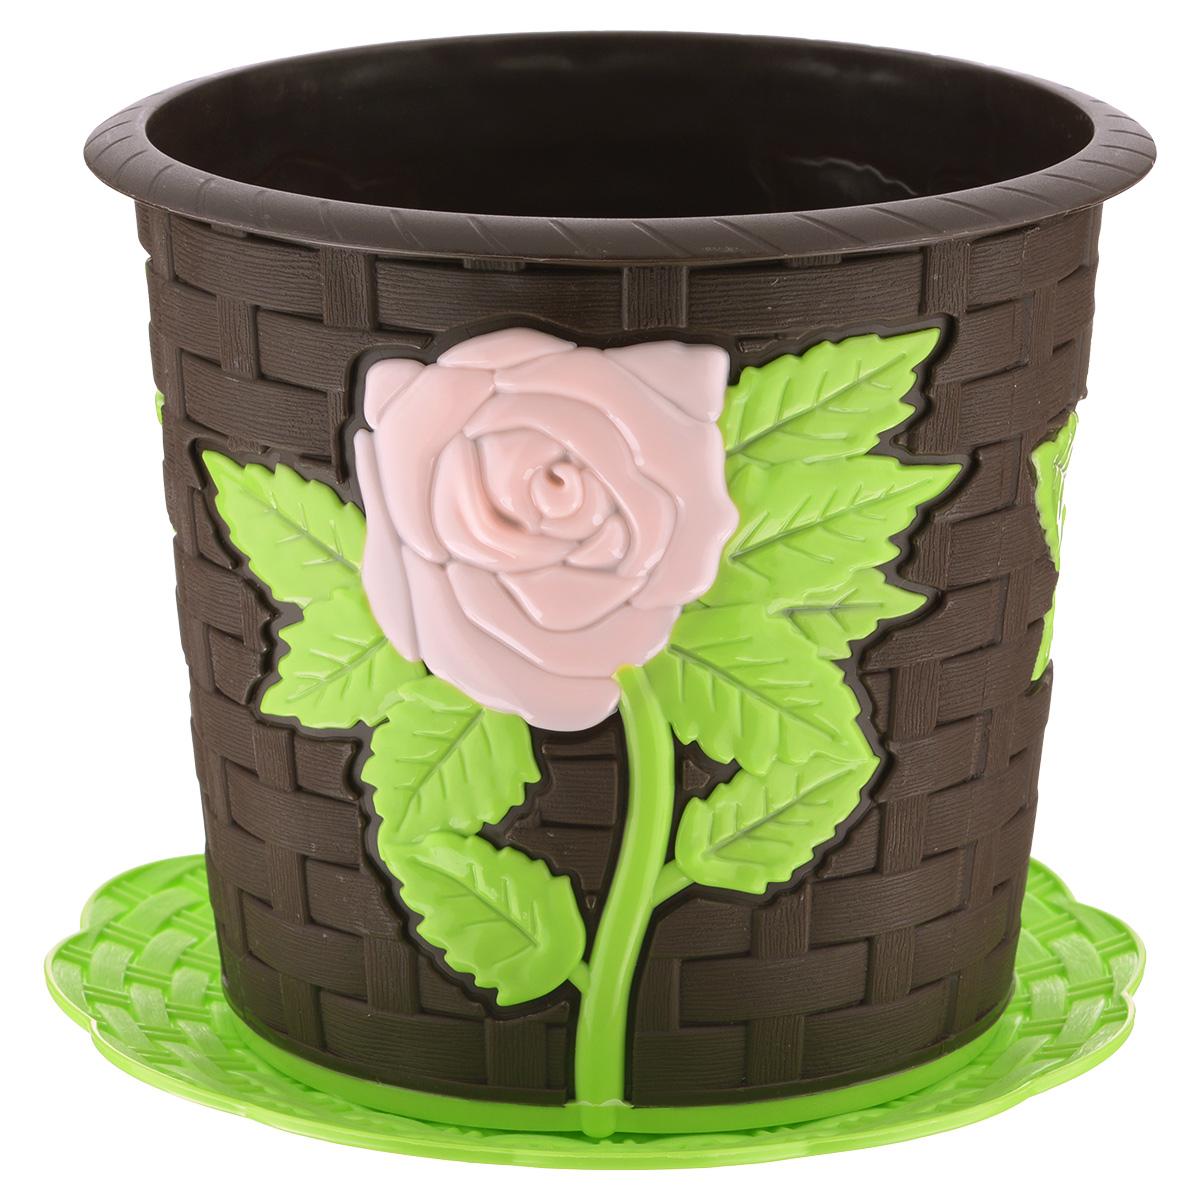 Кашпо Альтернатива Анжелика, с подставкой, цвет: темно-коричневый, салатовый, 3 лМ3491Кашпо Альтернатива Анжелика изготовлено из прочного пластика с эффектом плетения и украшено красочным рельефом в виде роз. Для кашпо предусмотрена круглая подставка. Изделие предназначено для выращивания растений и цветов в домашних условиях. Такое кашпо порадует вас изысканным дизайном и функциональностью, а также оригинально украсит интерьер помещения. Диаметр кашпо по верхнему краю: 19 см. Высота кашпо: 16,5 см. Диаметр подставки: 20,5 см. Объем кашпо: 3 л.